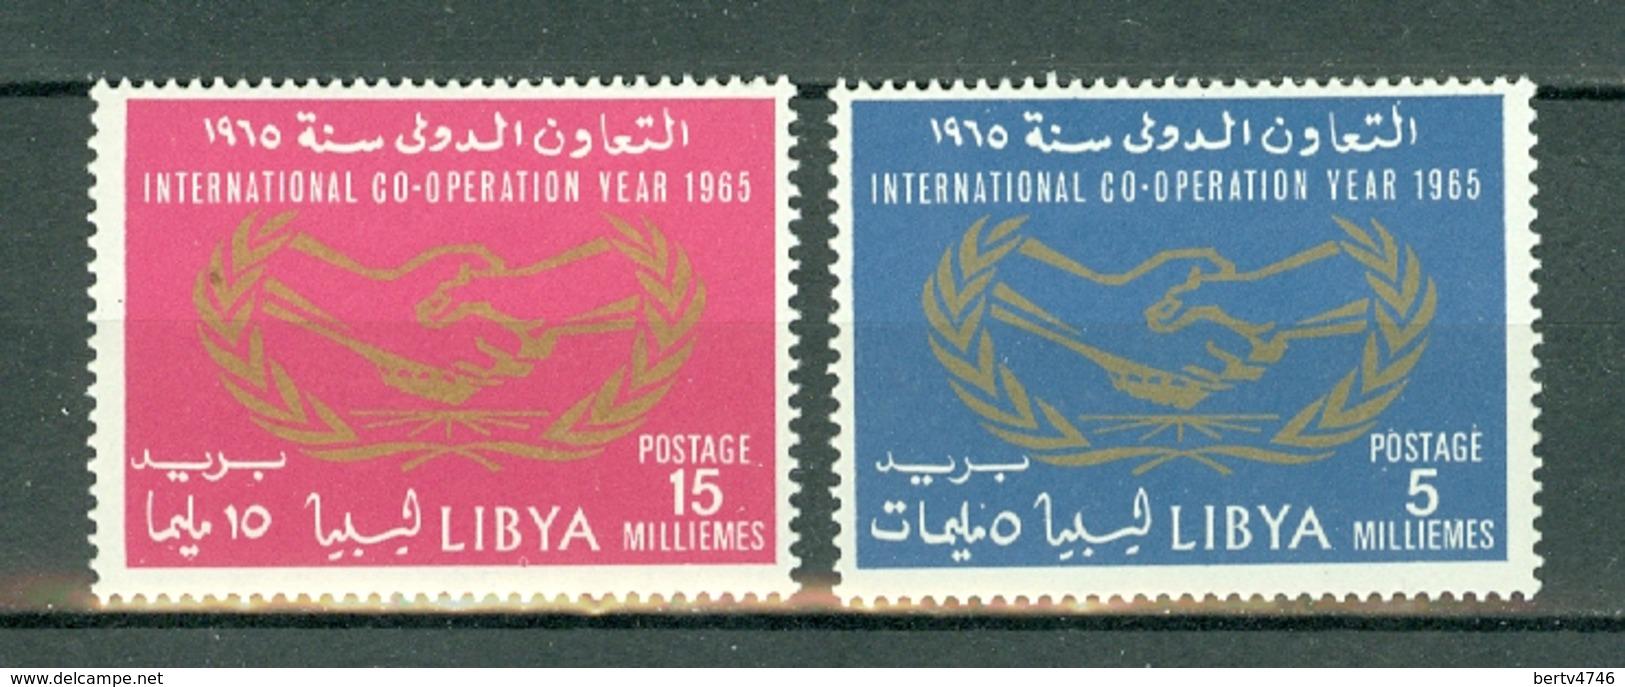 Libia 1965  Mi 261 / 262**  MNH - Libye